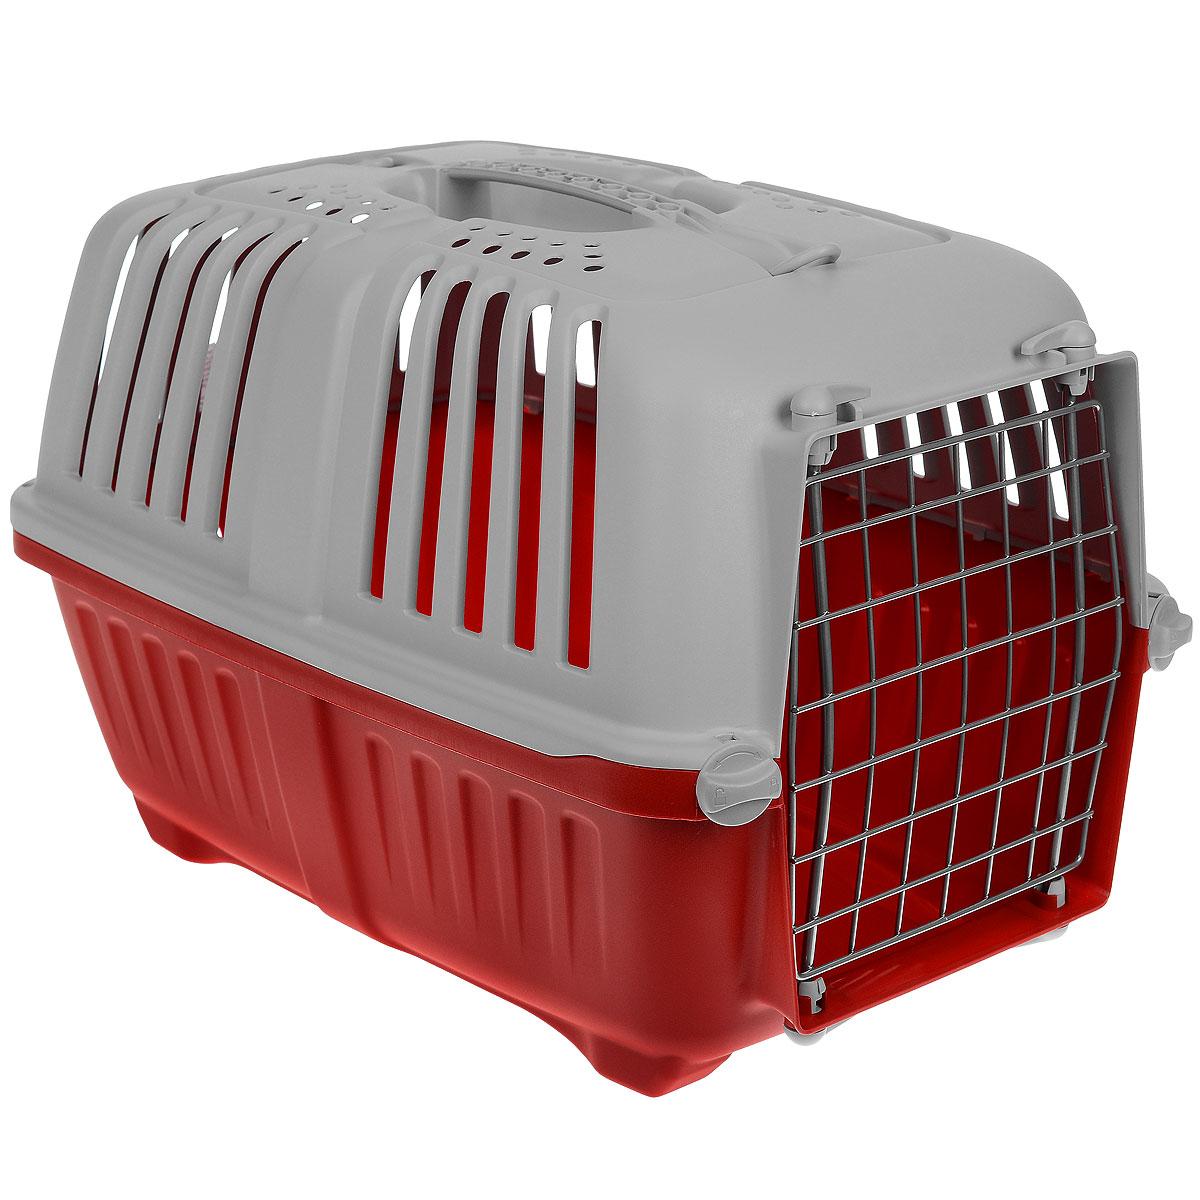 Переноска для животных MPS Pratiko, цвет: красный, серый, 48 см х 31,5 см х 33 смS01140100_красныйПереноска MPS Pratiko, выполненная из легкого пластика, прекрасно подойдет для транспортировки собак и кошек. Дно переноски снабжено устойчивыми ножками. Крышка с отверстиями для вентиляции оснащена влитой ручкой и двумя петлями для крепления ремня. Крышка и металлическая дверь крепится к поддону на поворотные фиксаторы.